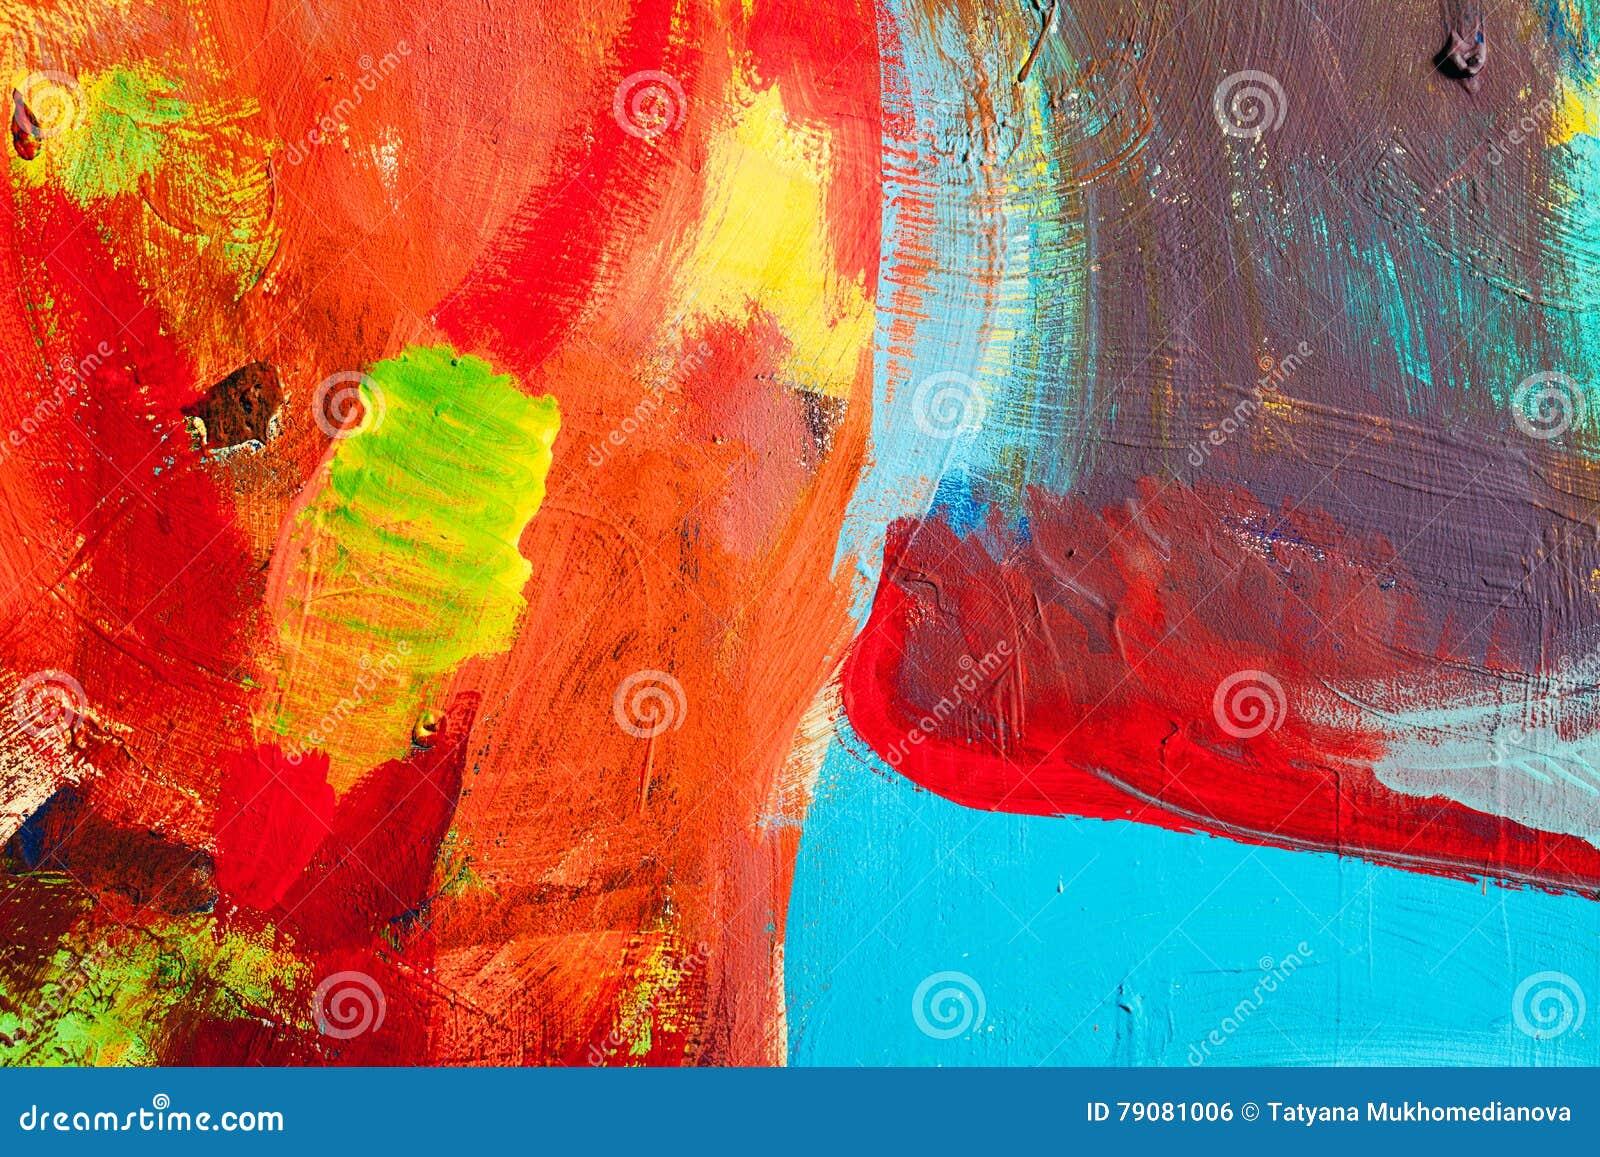 Farbige Farbenanschläge Hintergrund Der Abstrakten Kunst Detail ...